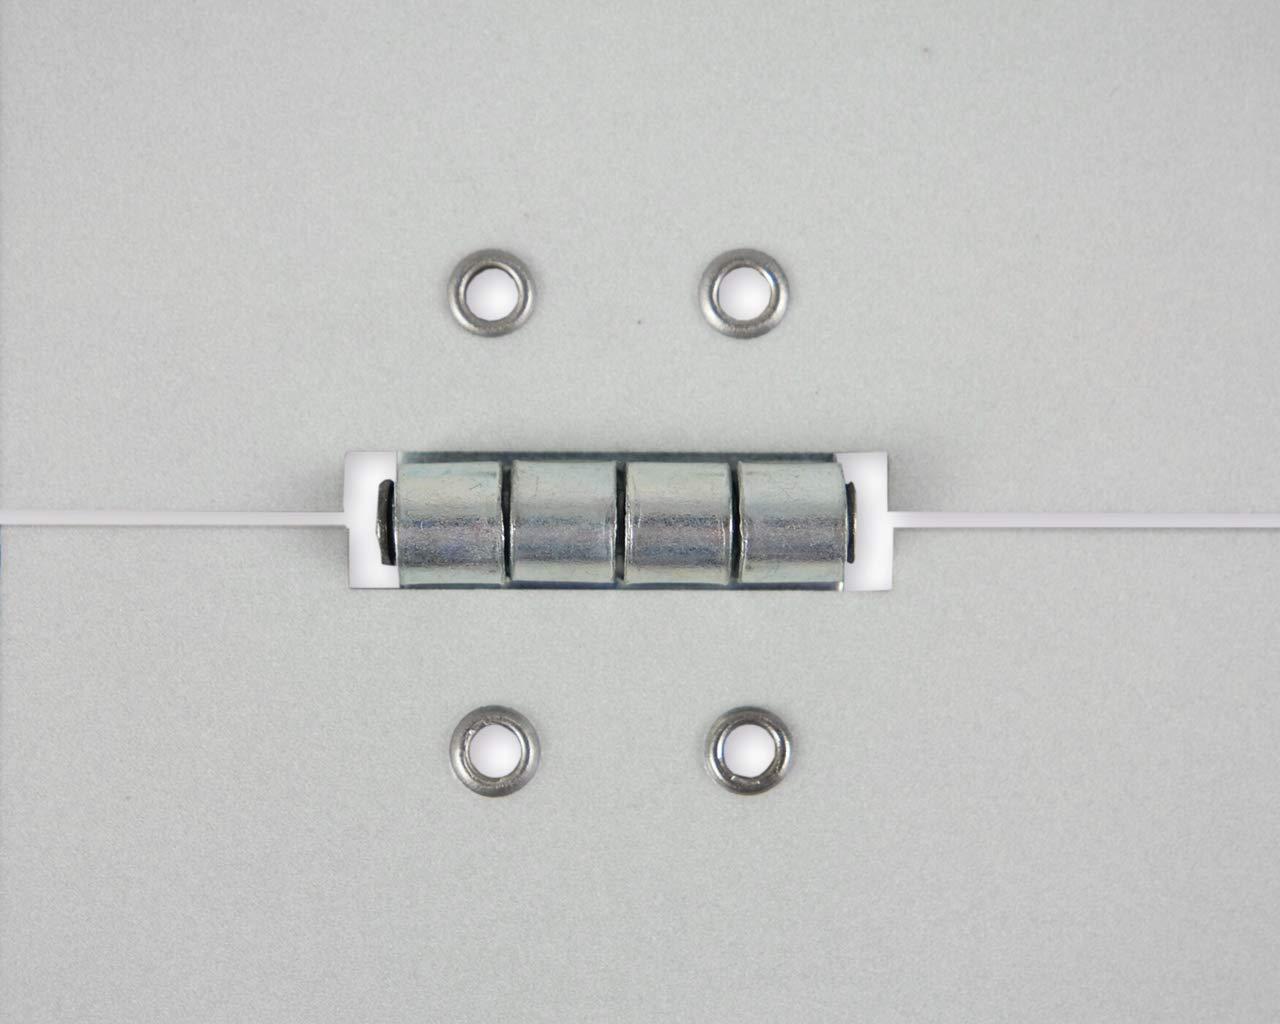 A-Tafel A-Schild f/ür Abfalltransport Aluminium horizontal klappbar ohne Kantenschutz 400x300 mm Warntafel Abfalltafel Abfallschild LKW